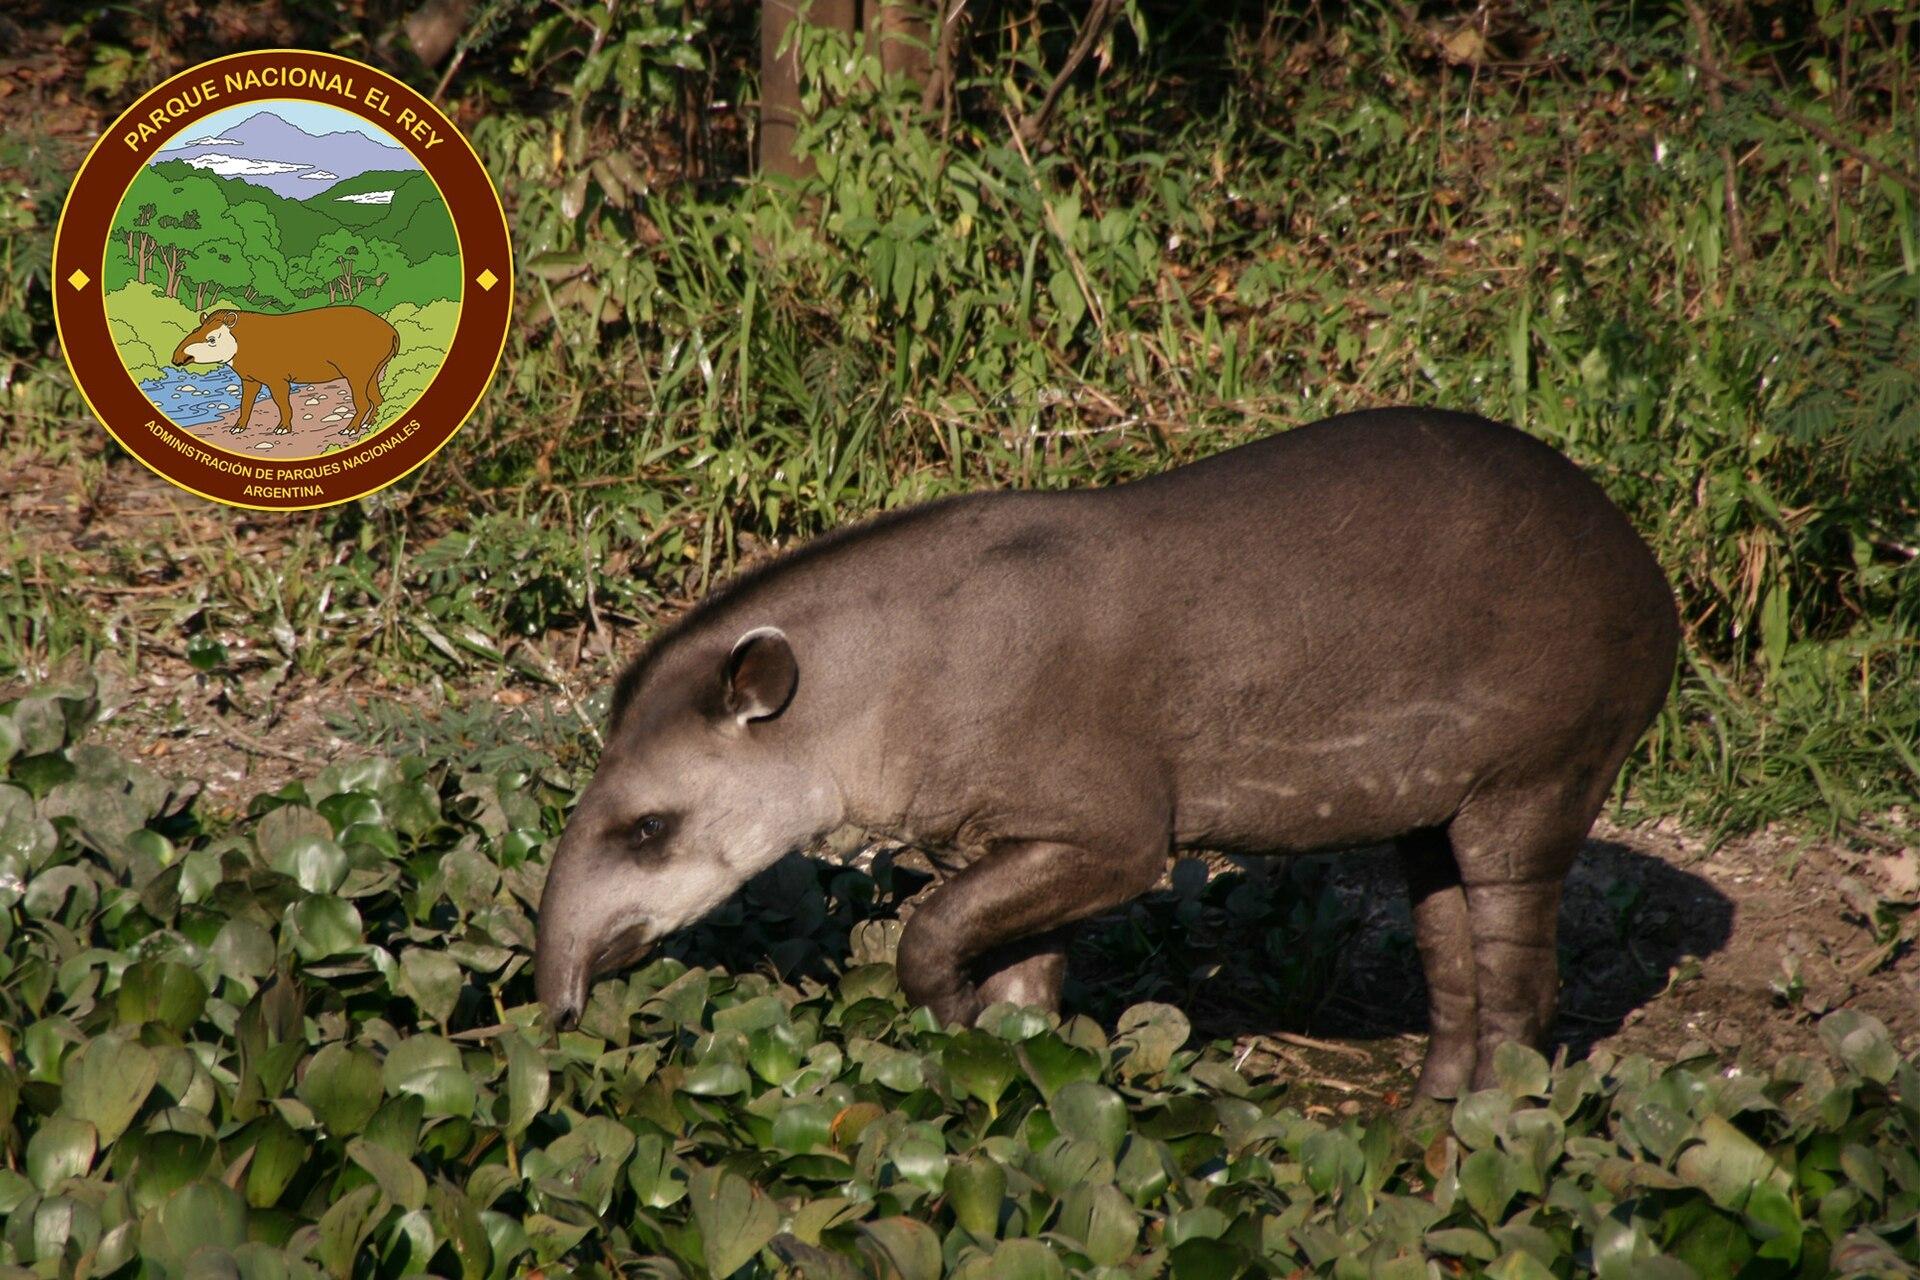 El tapir aparece en el logo del PN Rey y se caracteriza por adaptarse fácilmente a nuevos ambientes y dietas.